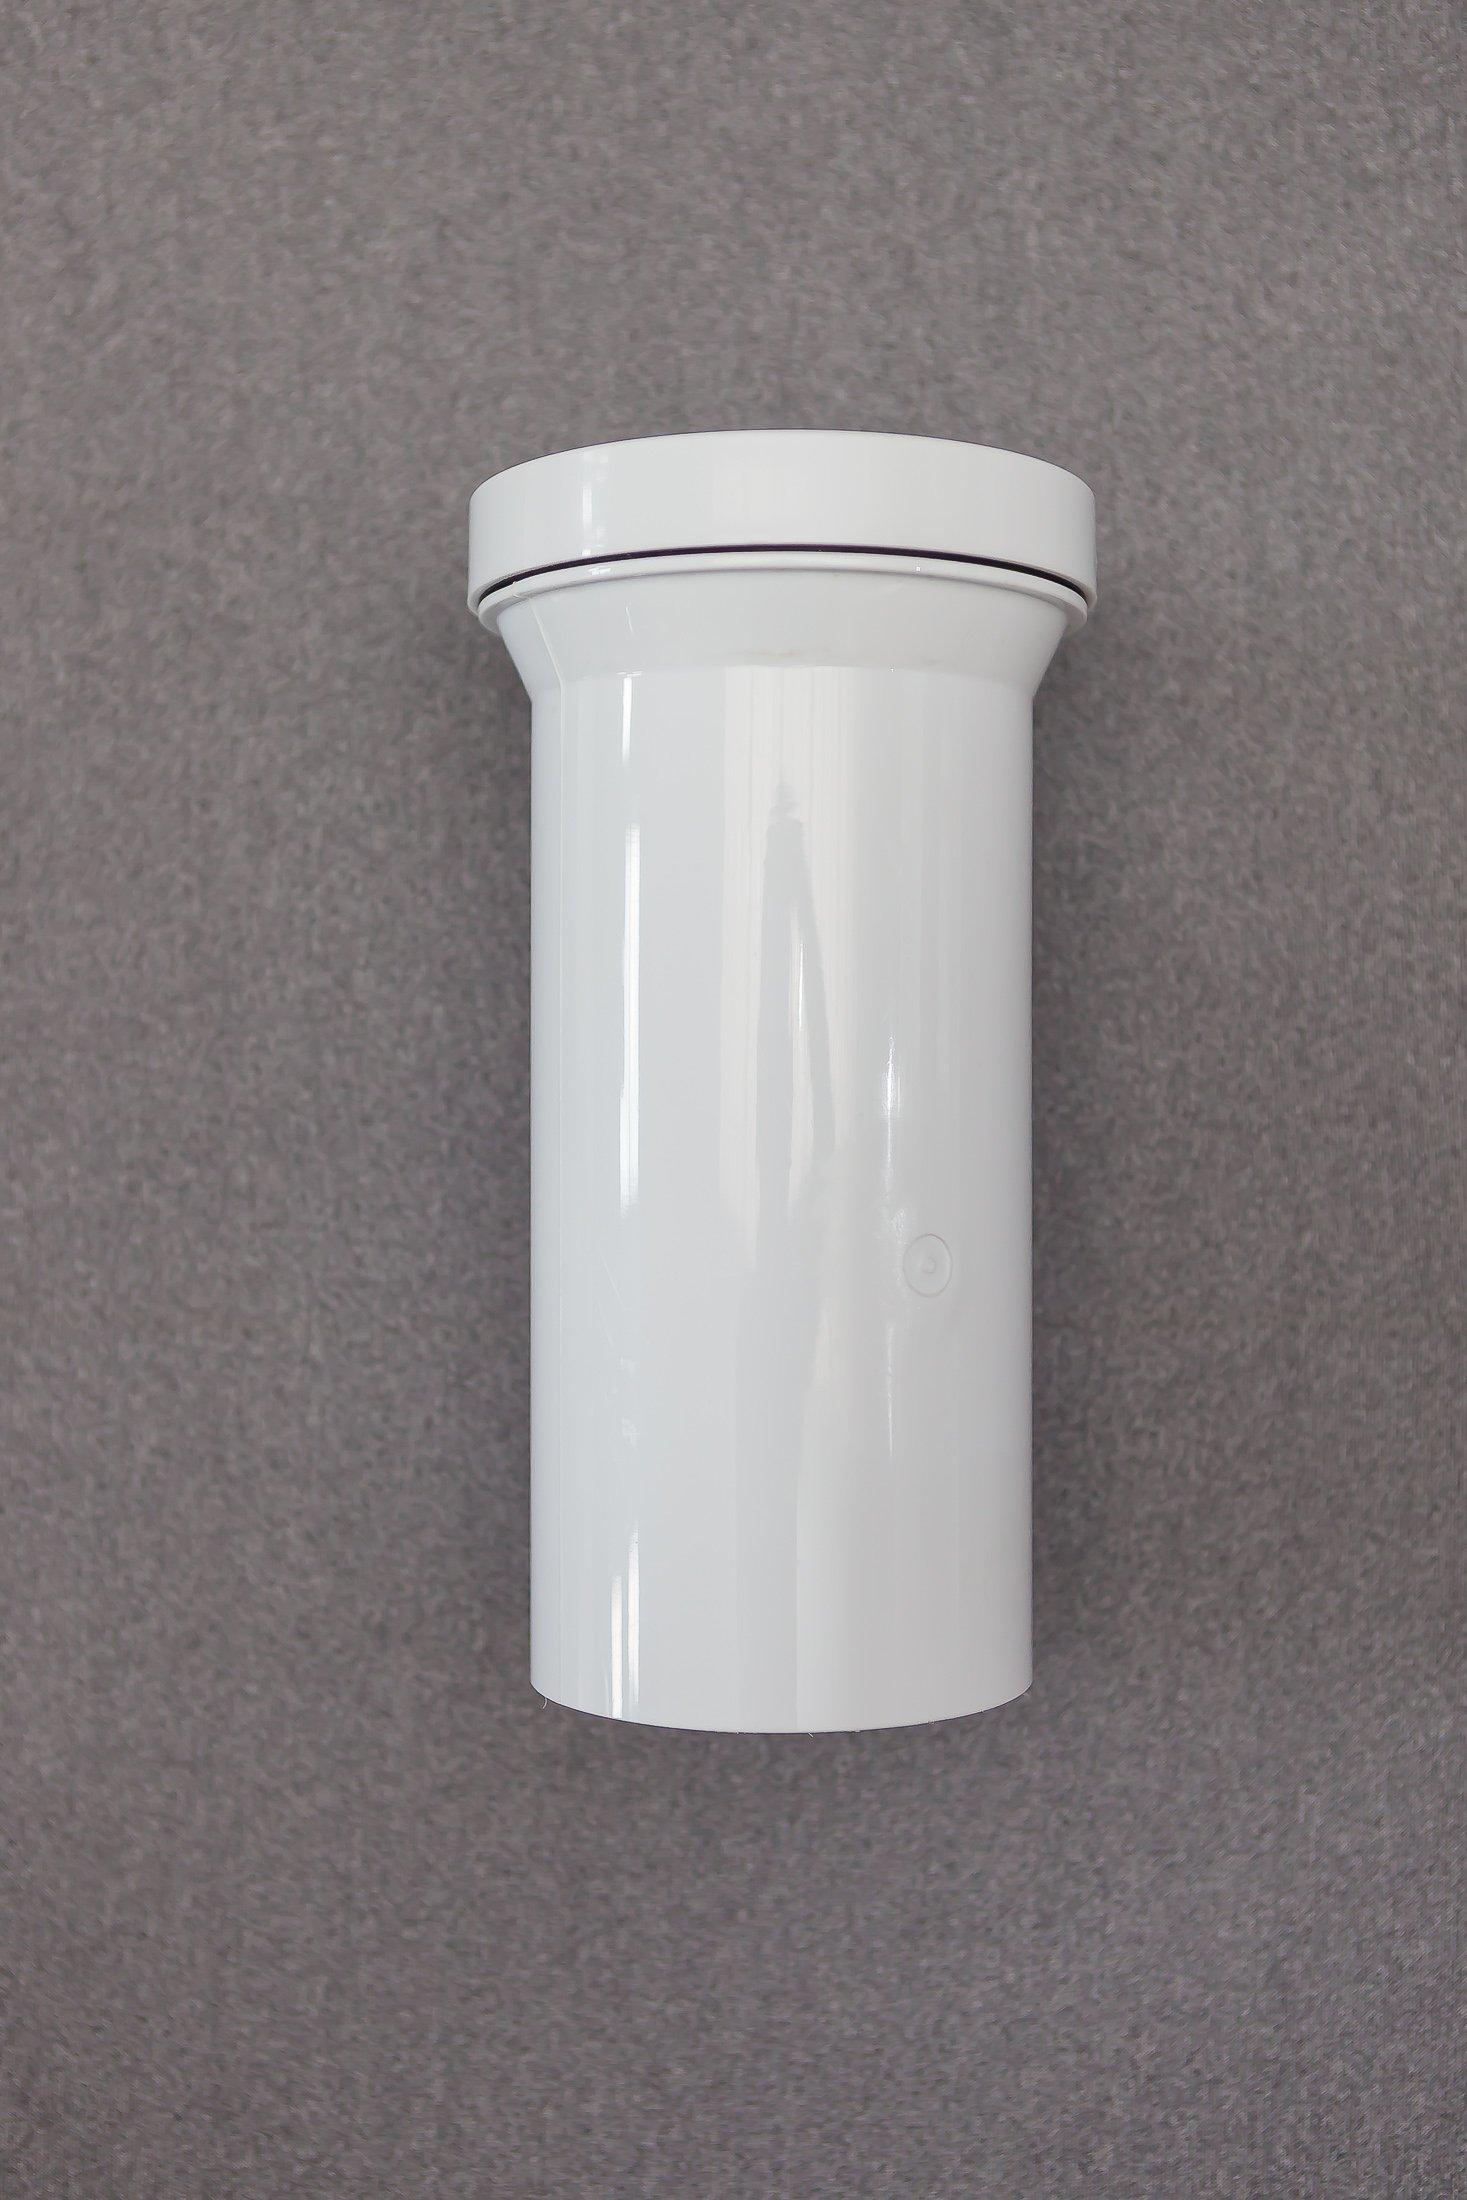 componente in plastica di tubazione di scarico